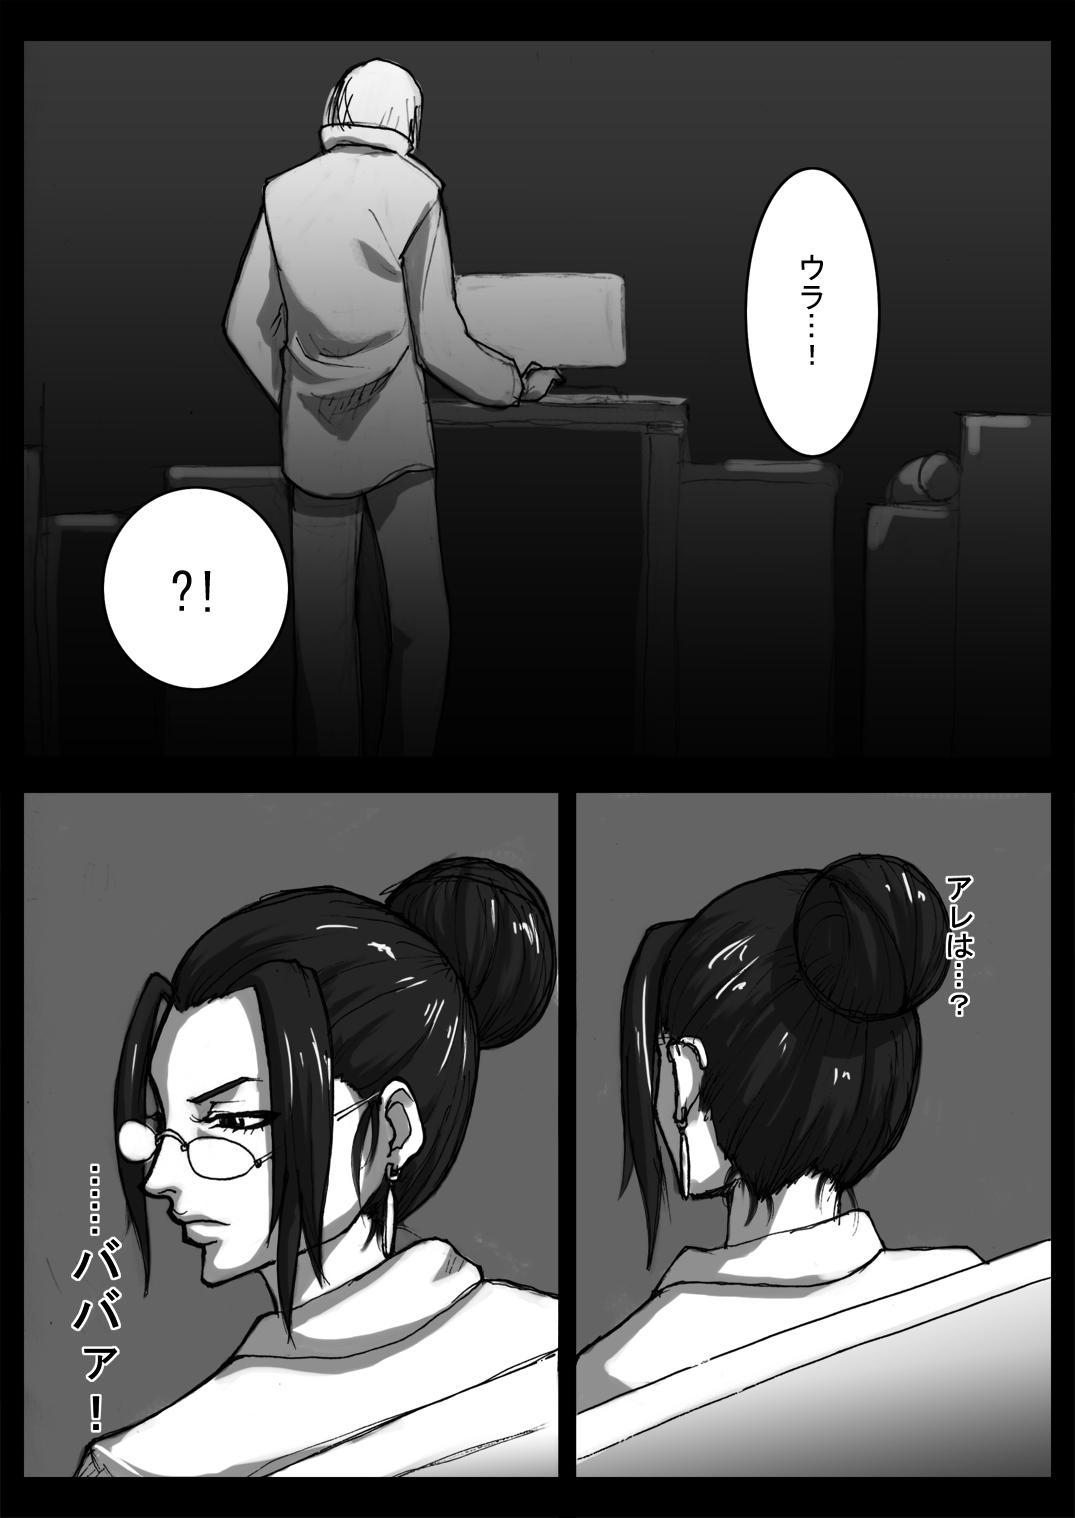 Megane de Bakunyuu no Kanbu o Himitsu Kaigi de Aheahe 23